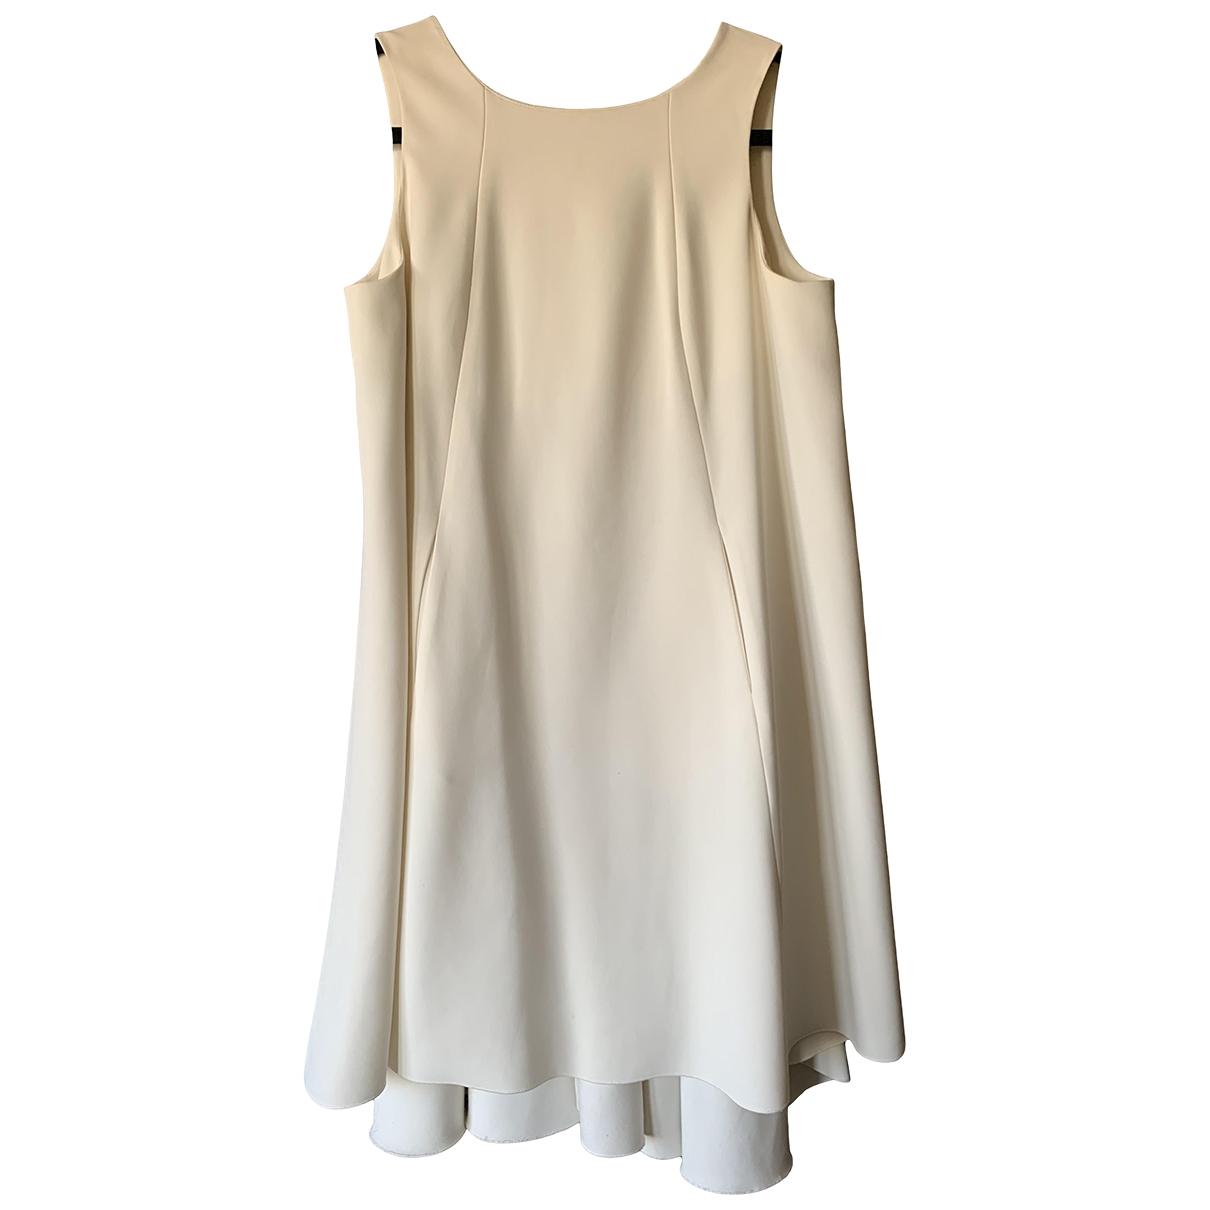 La Mania \N Kleid in  Ecru Polyester